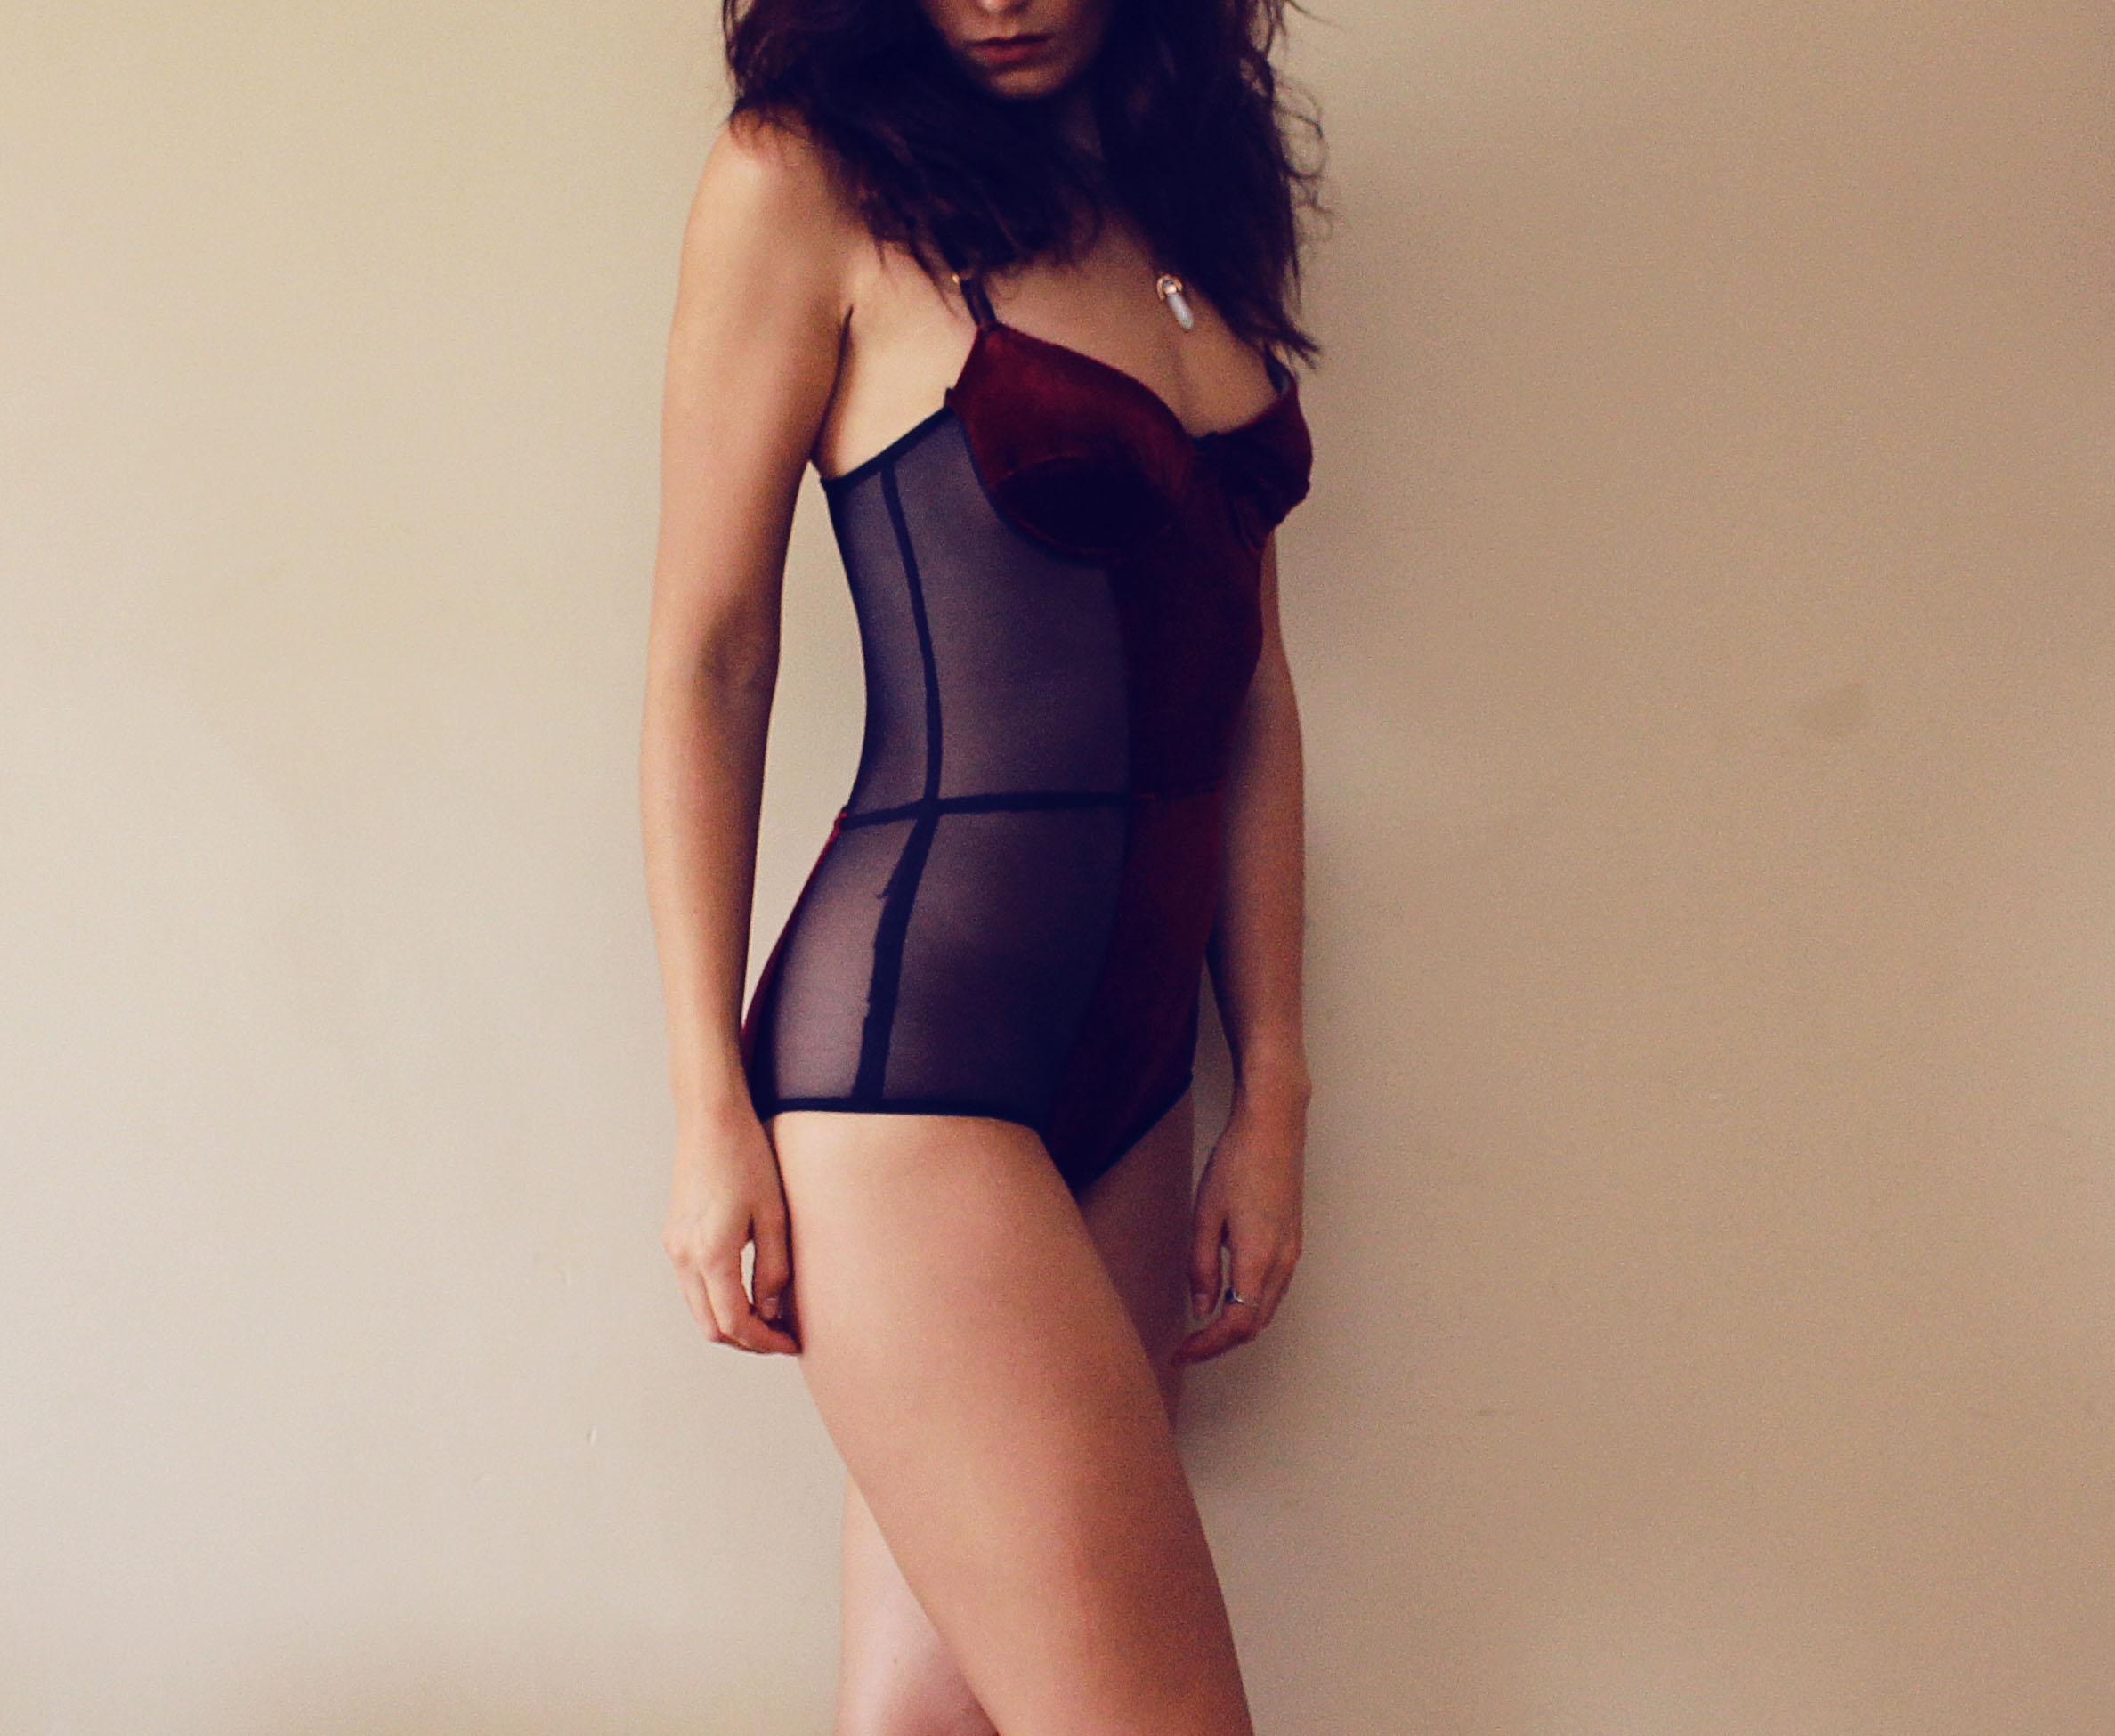 9e7755546f GLORY   Burgundy and black mesh padded bodysuit   sexy lingerie velvet  bodysuit gift for her   Made to order on Storenvy